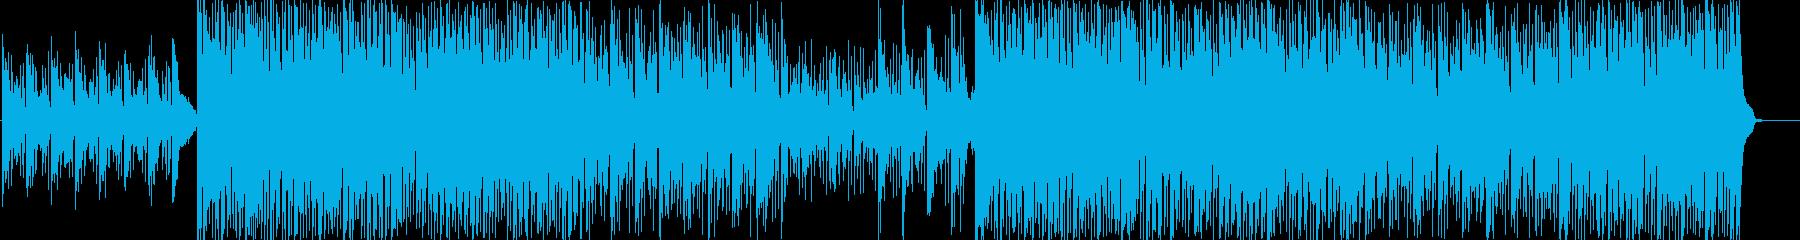 動画 アクション 静か お洒落 フ...の再生済みの波形